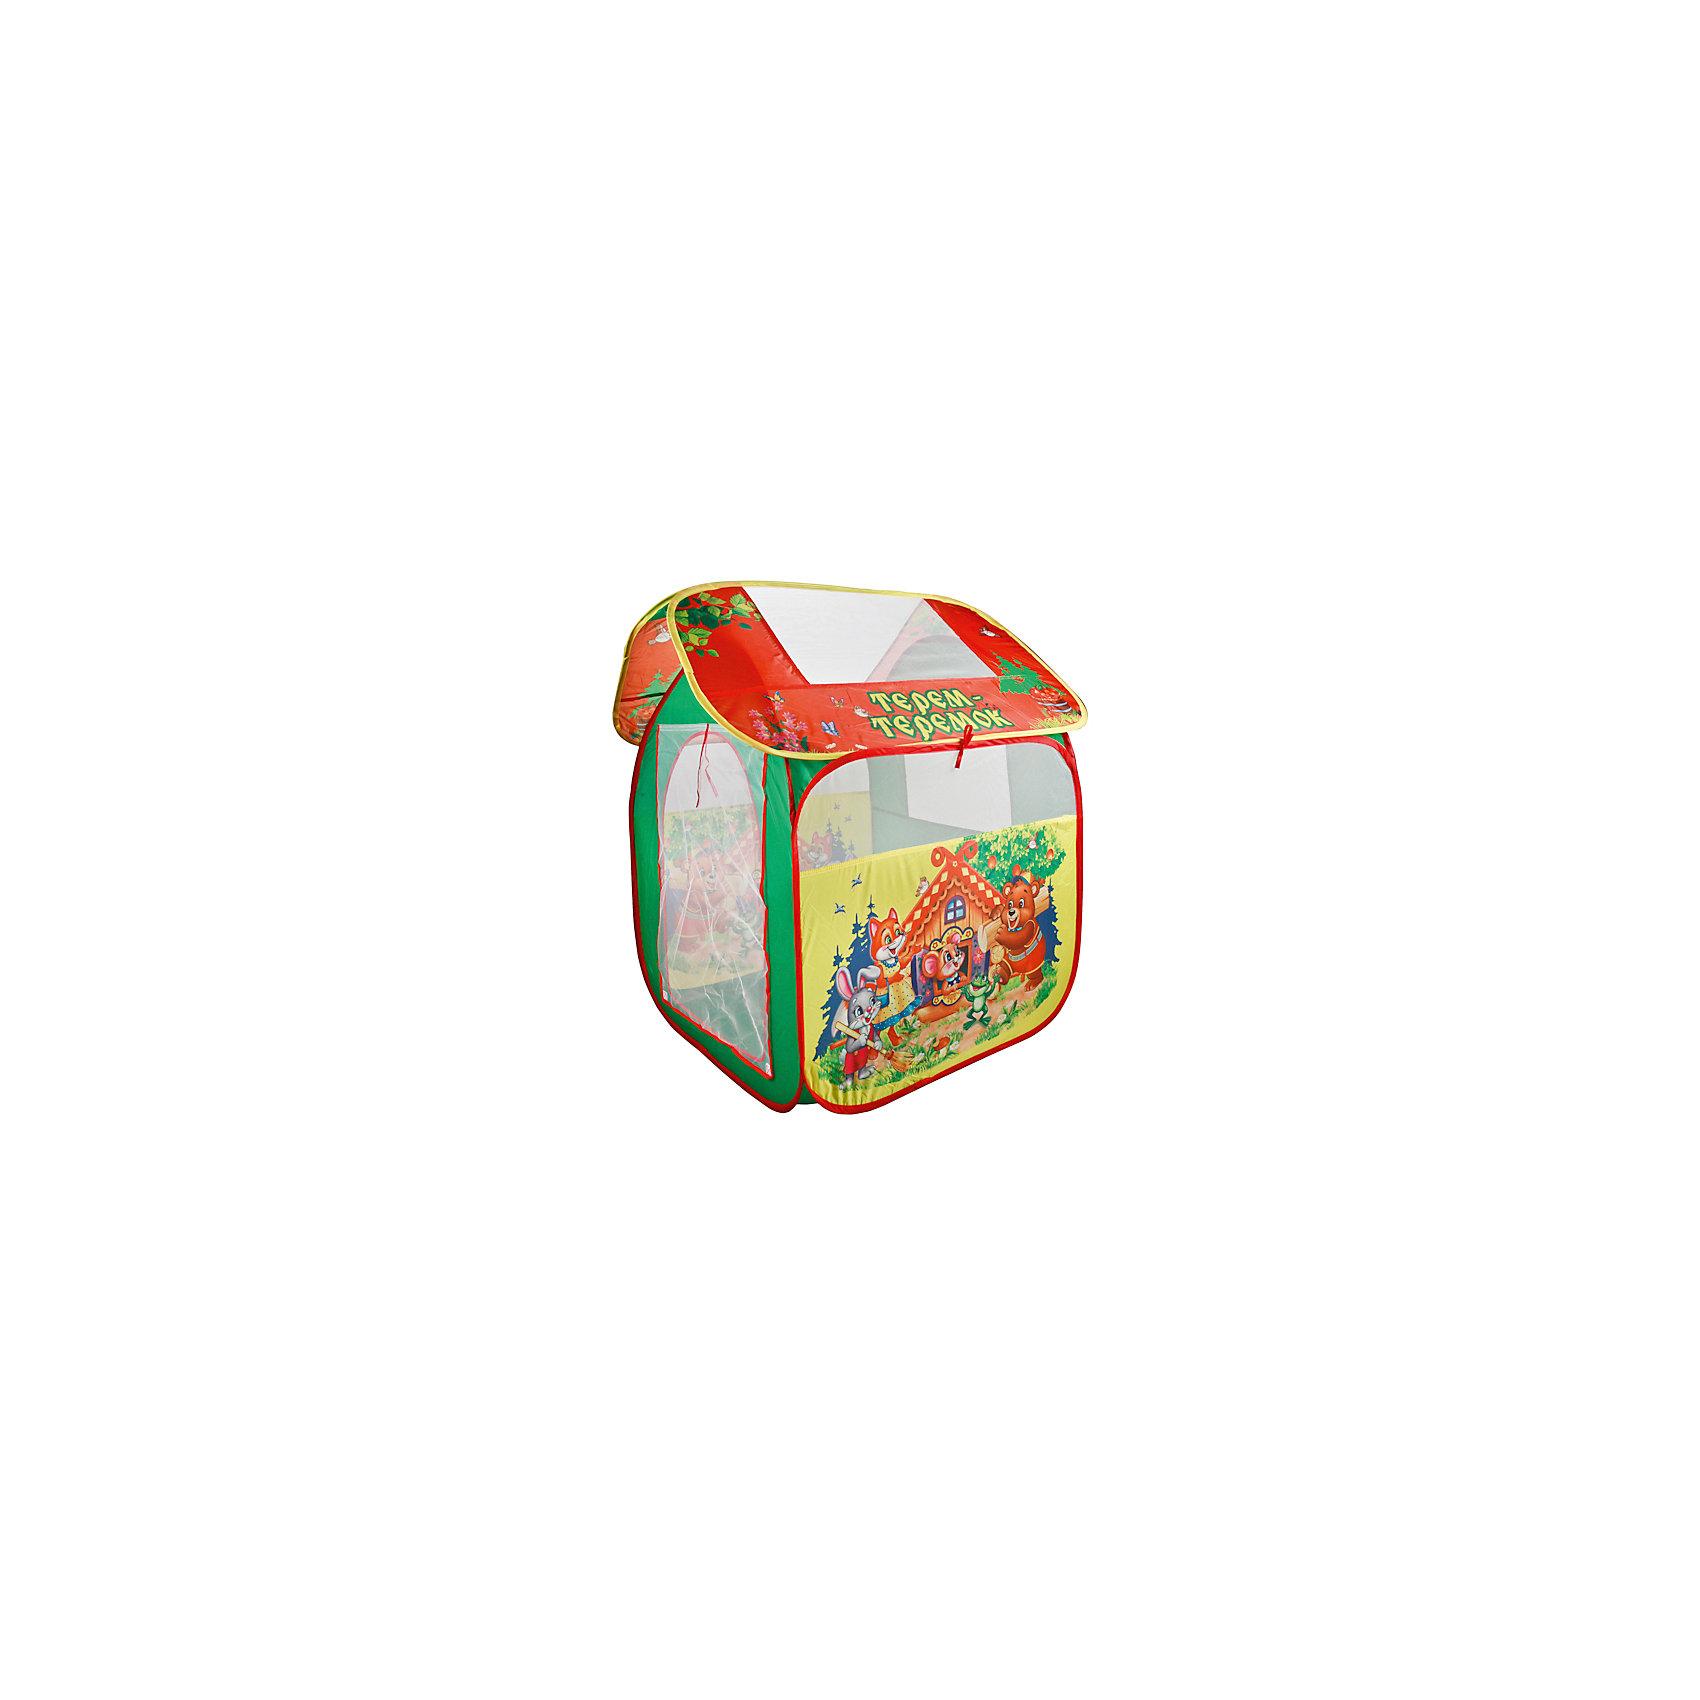 Палатка Теремок (большая), в сумке, Играем вместеИгрушки<br>Характеристики товара:<br><br>• возраст: от 3 лет<br>• размер палатки:83х80х105см<br>• материал: текстиль<br>• размер: 6х17х27см<br>• вес: 710гр<br><br>Палатка Теремок, Играем вместе, станет чудесным подарком для Вашего ребенка. Красочная палатка ярко-зеленого цвета выполнена по мотивам русской народной сказки Теремок и украшена изображениями героев сказки. <br><br>Палатка оснащена дверью на липучке, окошками из сетчатого материала и большим окном для вентиляции на крыше палатки. <br><br>Палатка компактно складывается в небольшую сумочку, поэтому ее удобно брать с собой на прогулку или в поездку. <br><br>Выполнена из прочного, водонепроницаемого, моющегося материала. <br><br>Палатку Теремок, Играем вместе, можно купить в нашем интернет-магазине.<br><br>Ширина мм: 400<br>Глубина мм: 400<br>Высота мм: 30<br>Вес г: 710<br>Возраст от месяцев: 36<br>Возраст до месяцев: 120<br>Пол: Унисекс<br>Возраст: Детский<br>SKU: 5528153